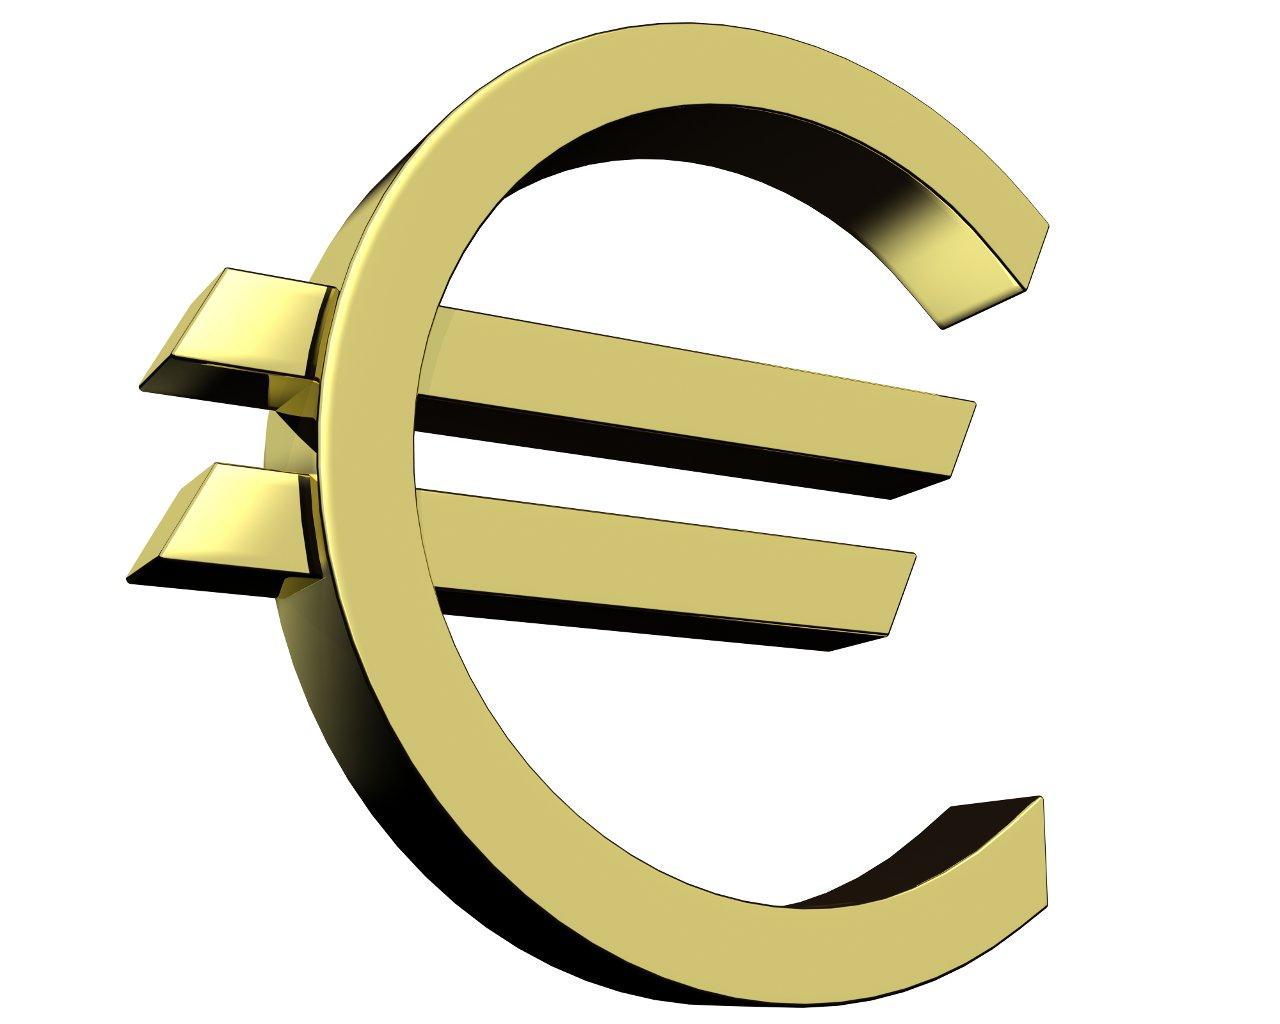 اليورو يشهد تراجعاً عقب تراجع البيانات